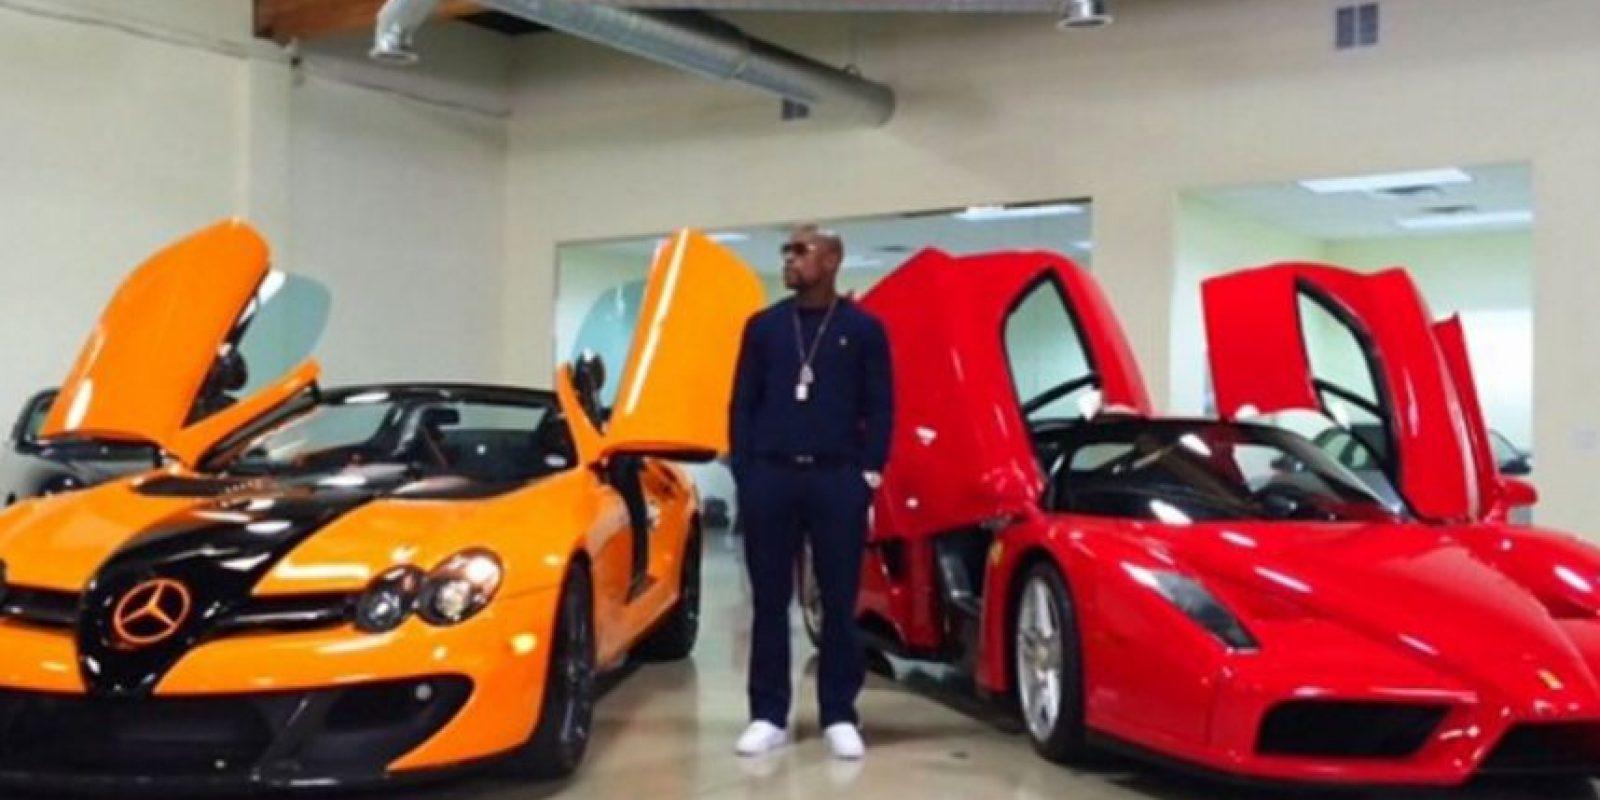 Tiene una exclusiva flota de automóviles, que incluyen Buggati Veyron, Buggatti Gran Sport, dos Ferrari y un Lamborghini, entre otros. Foto:Vía instagram.com/FloydMayweather